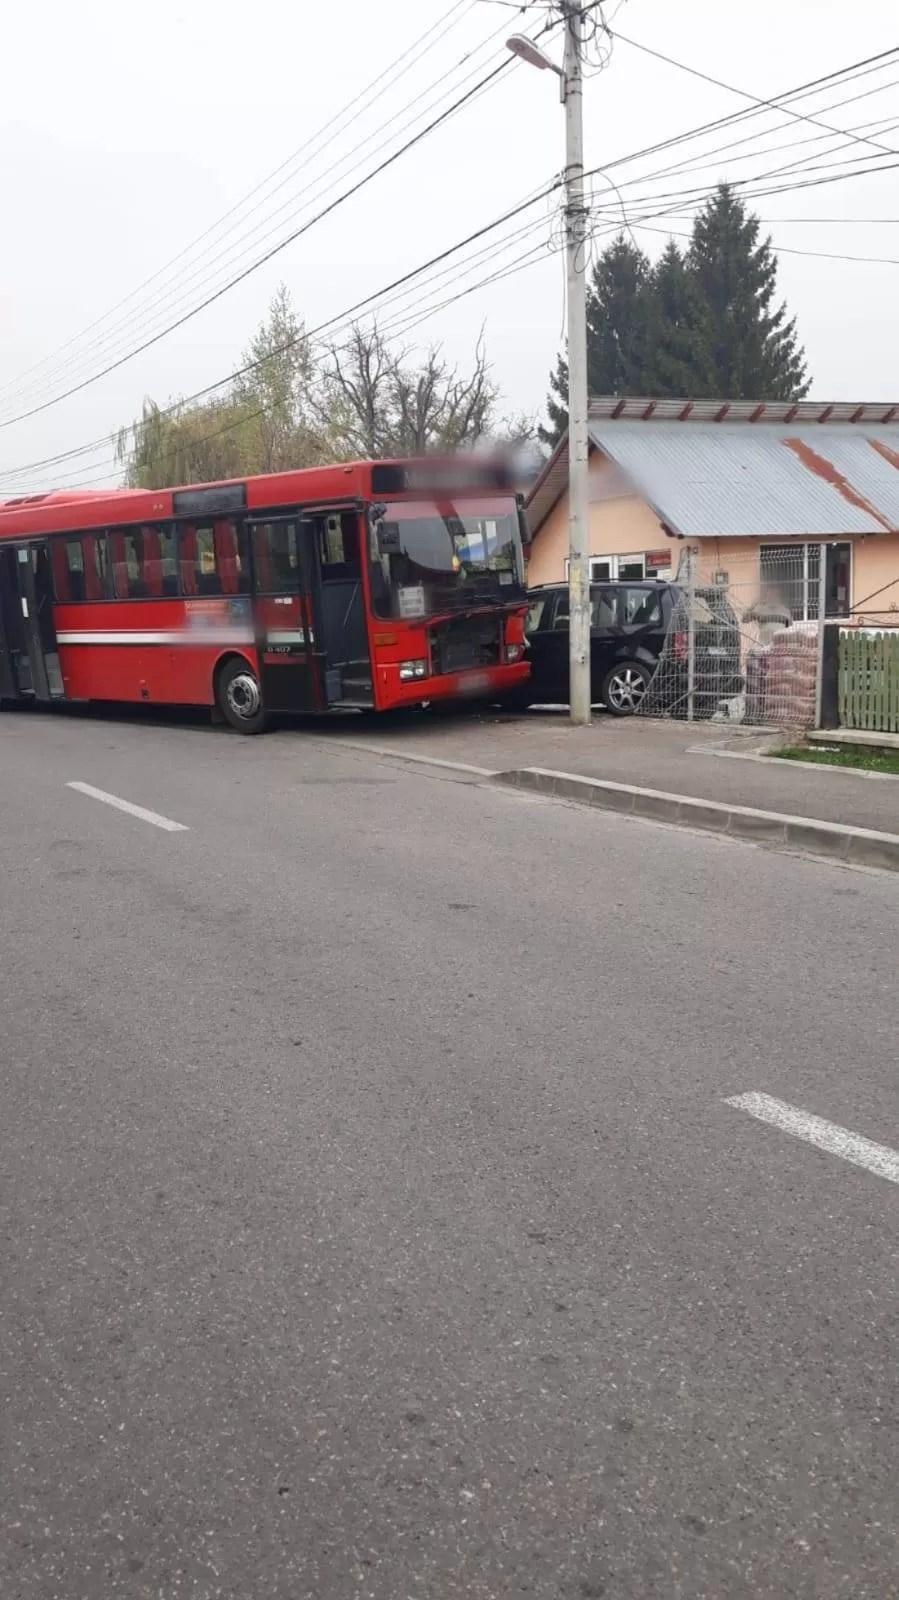 Mamă şi copil, accidentaţi pe trotuar de un autobuz scăpat de sub control